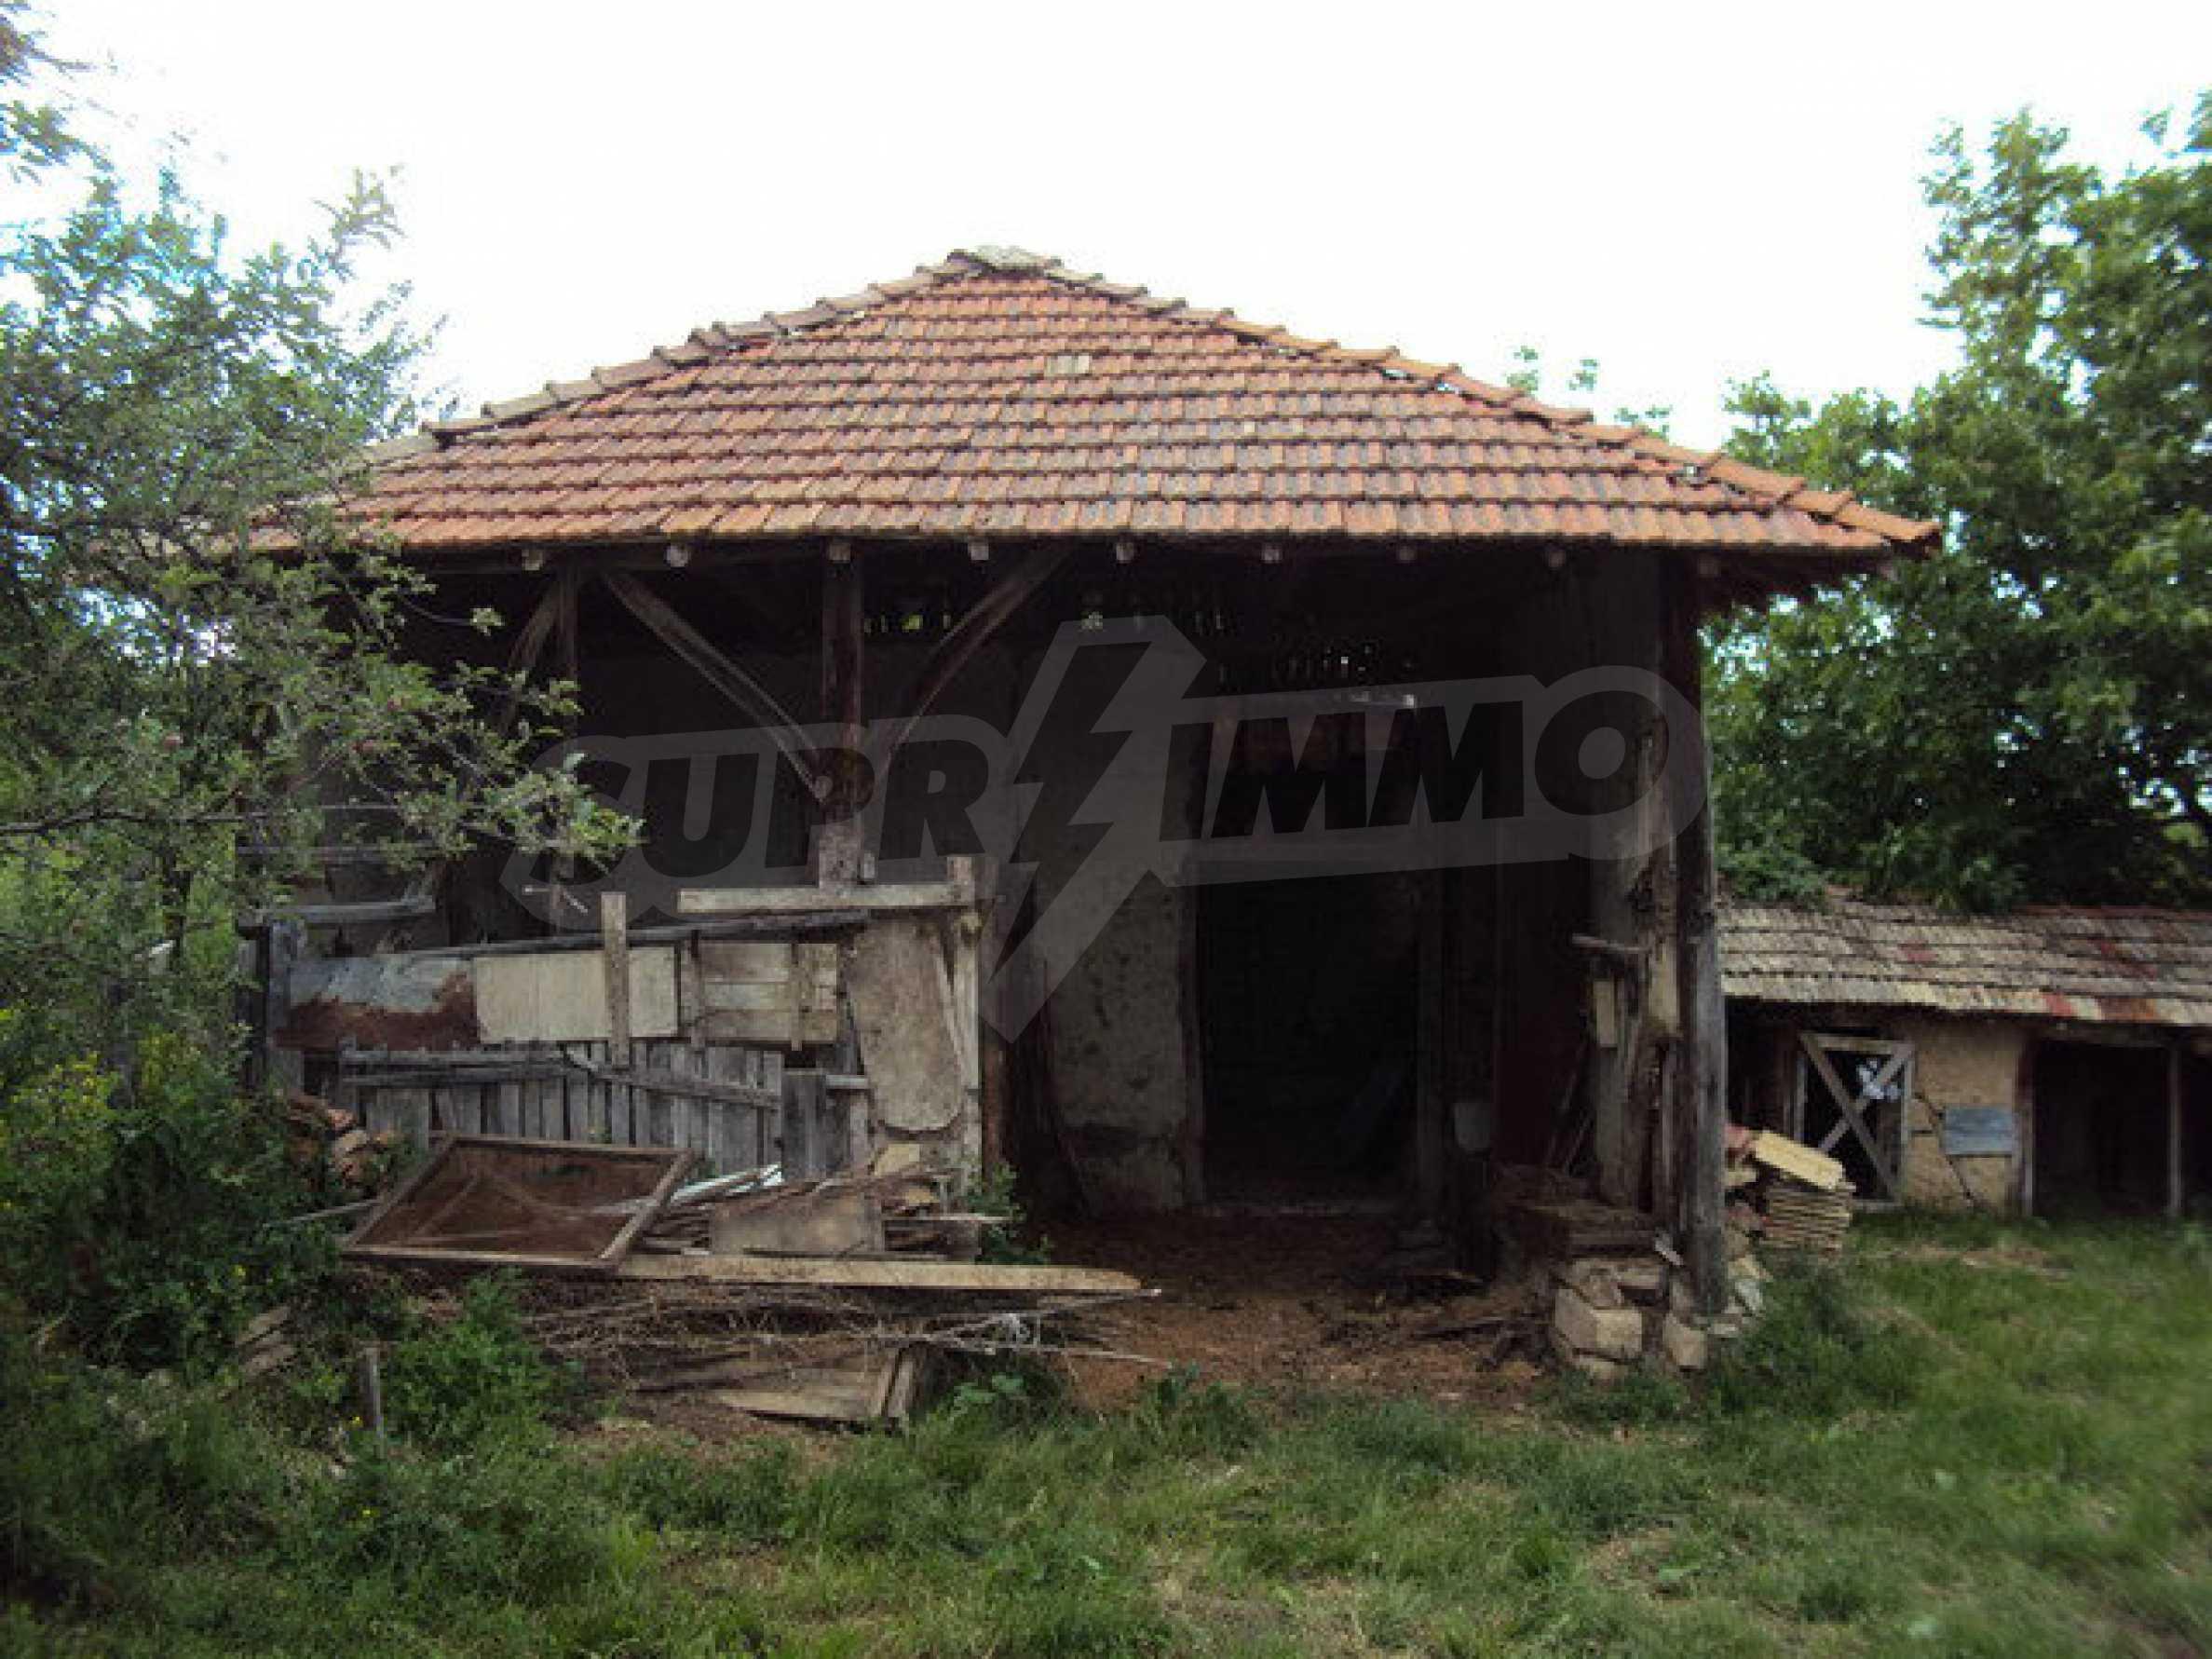 Zweistöckiges Landhaus mit Garten 50 km. von der alten Hauptstadt Veliko Tarnovo 16